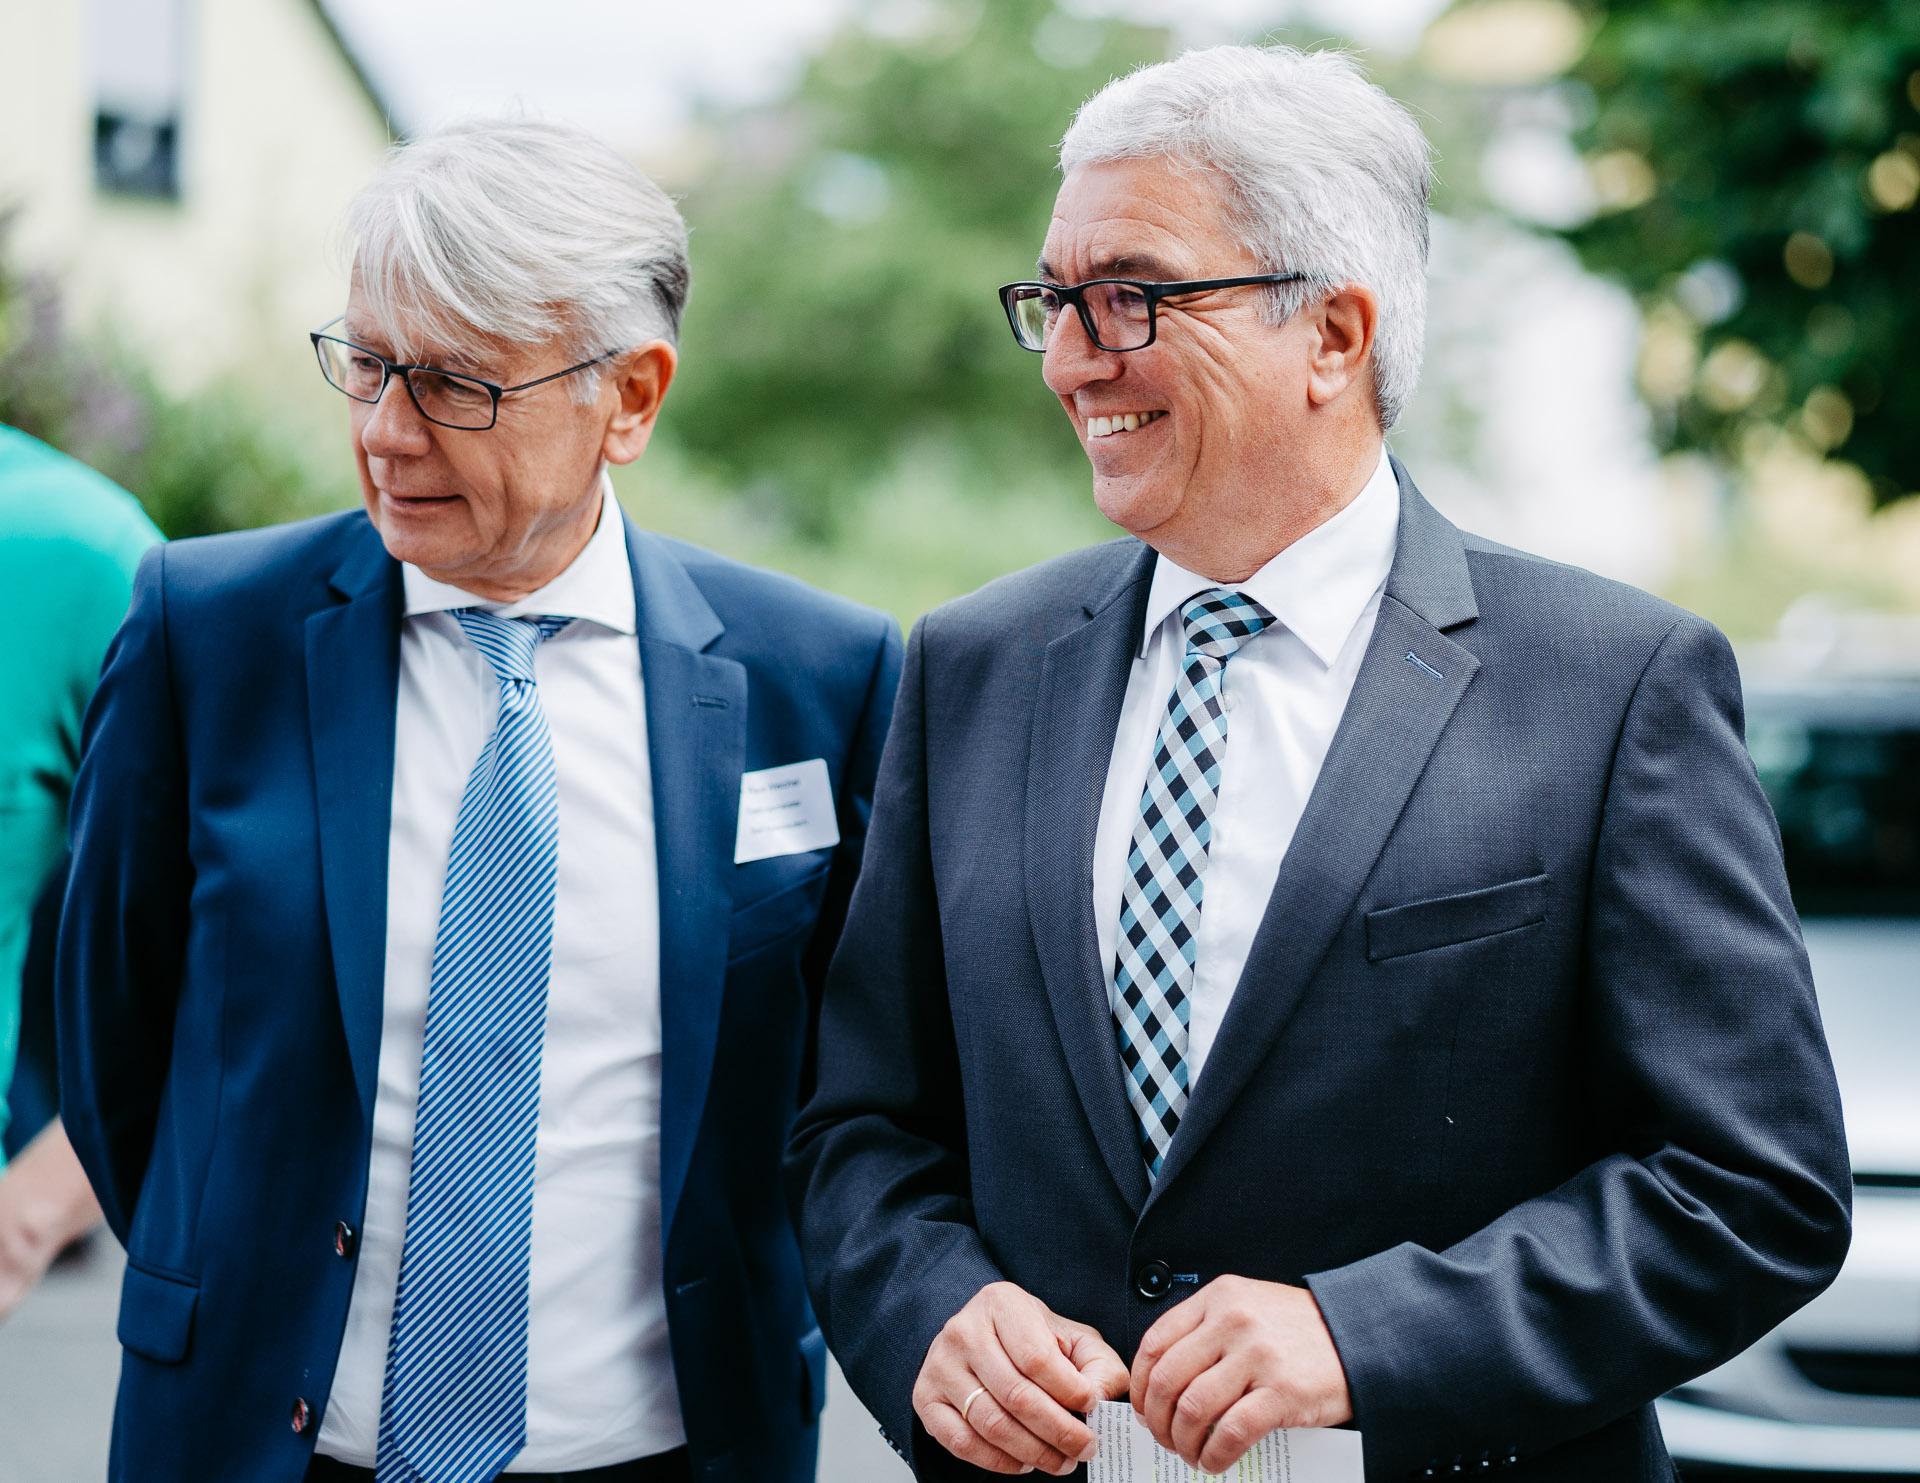 Der Oberbürgermeister Dr. Klaus Weichel und der Innenminister Roger Lewentz stehen nebeneinandern und lächeln.